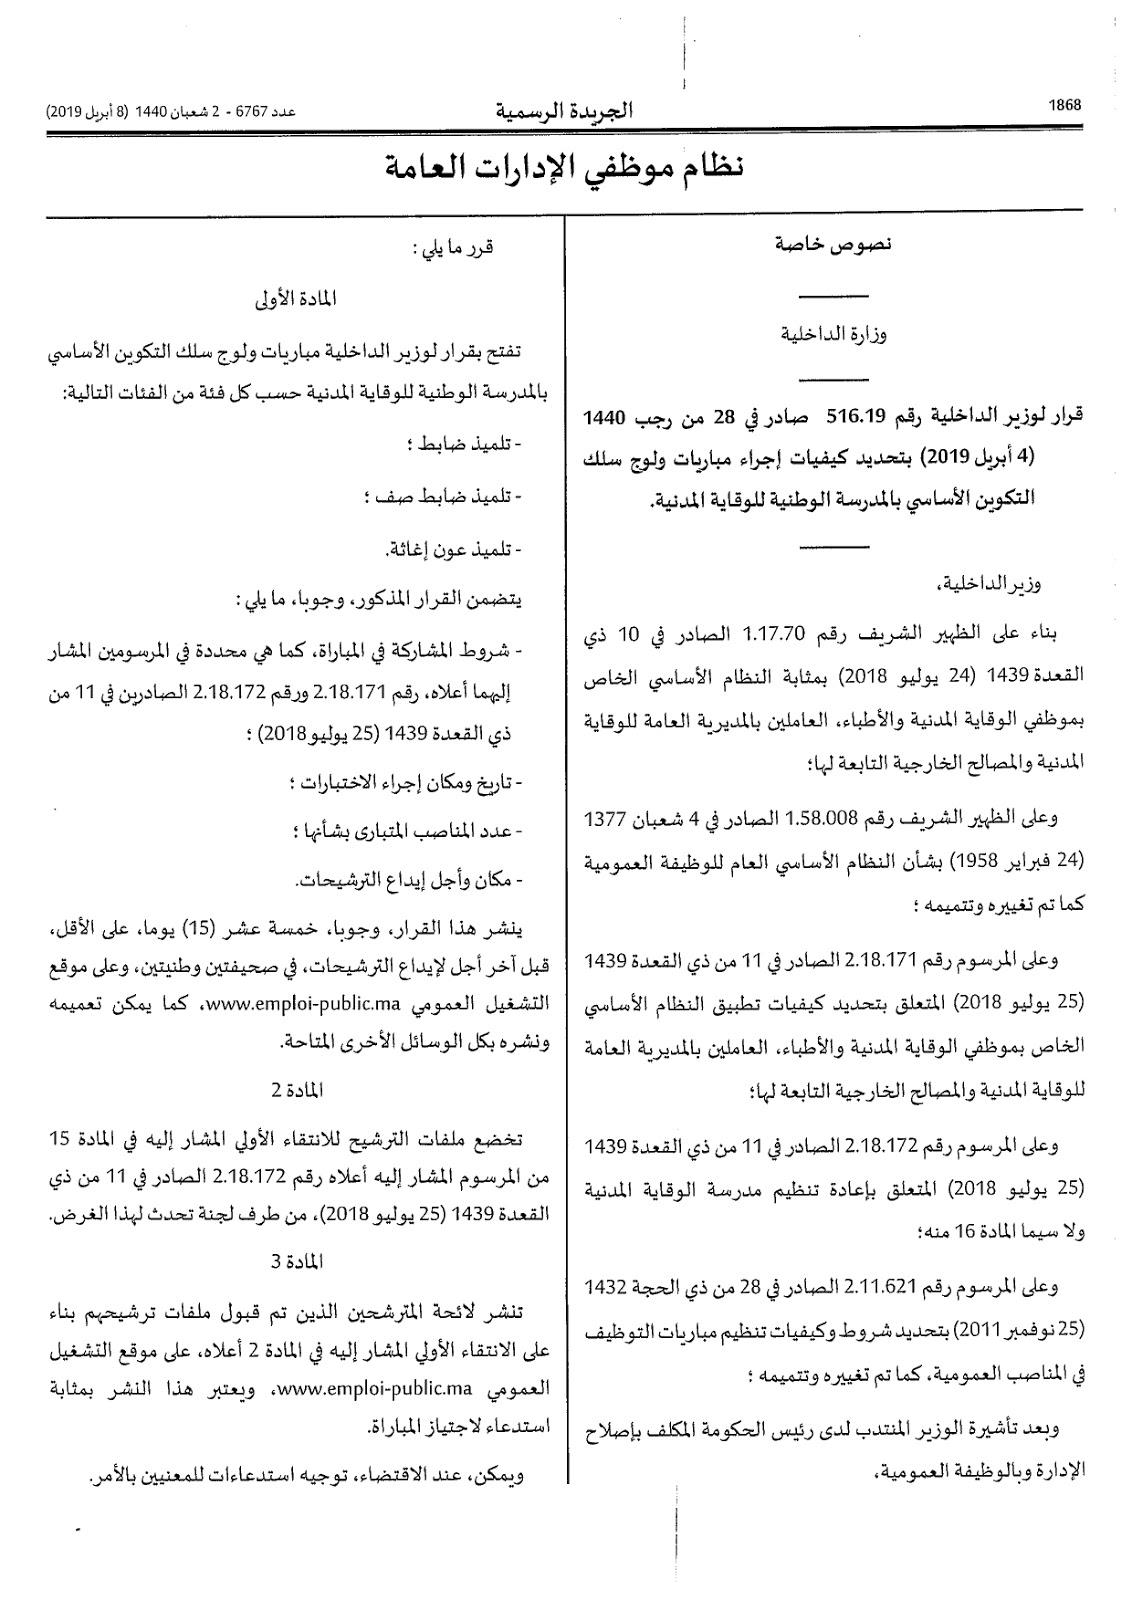 قرار وزير الداخلية بتحديد كيفيات إجراء مباريات ولوج سلك التكوين الأساسي بالمدرسة الوطنية للوقاية المدنية